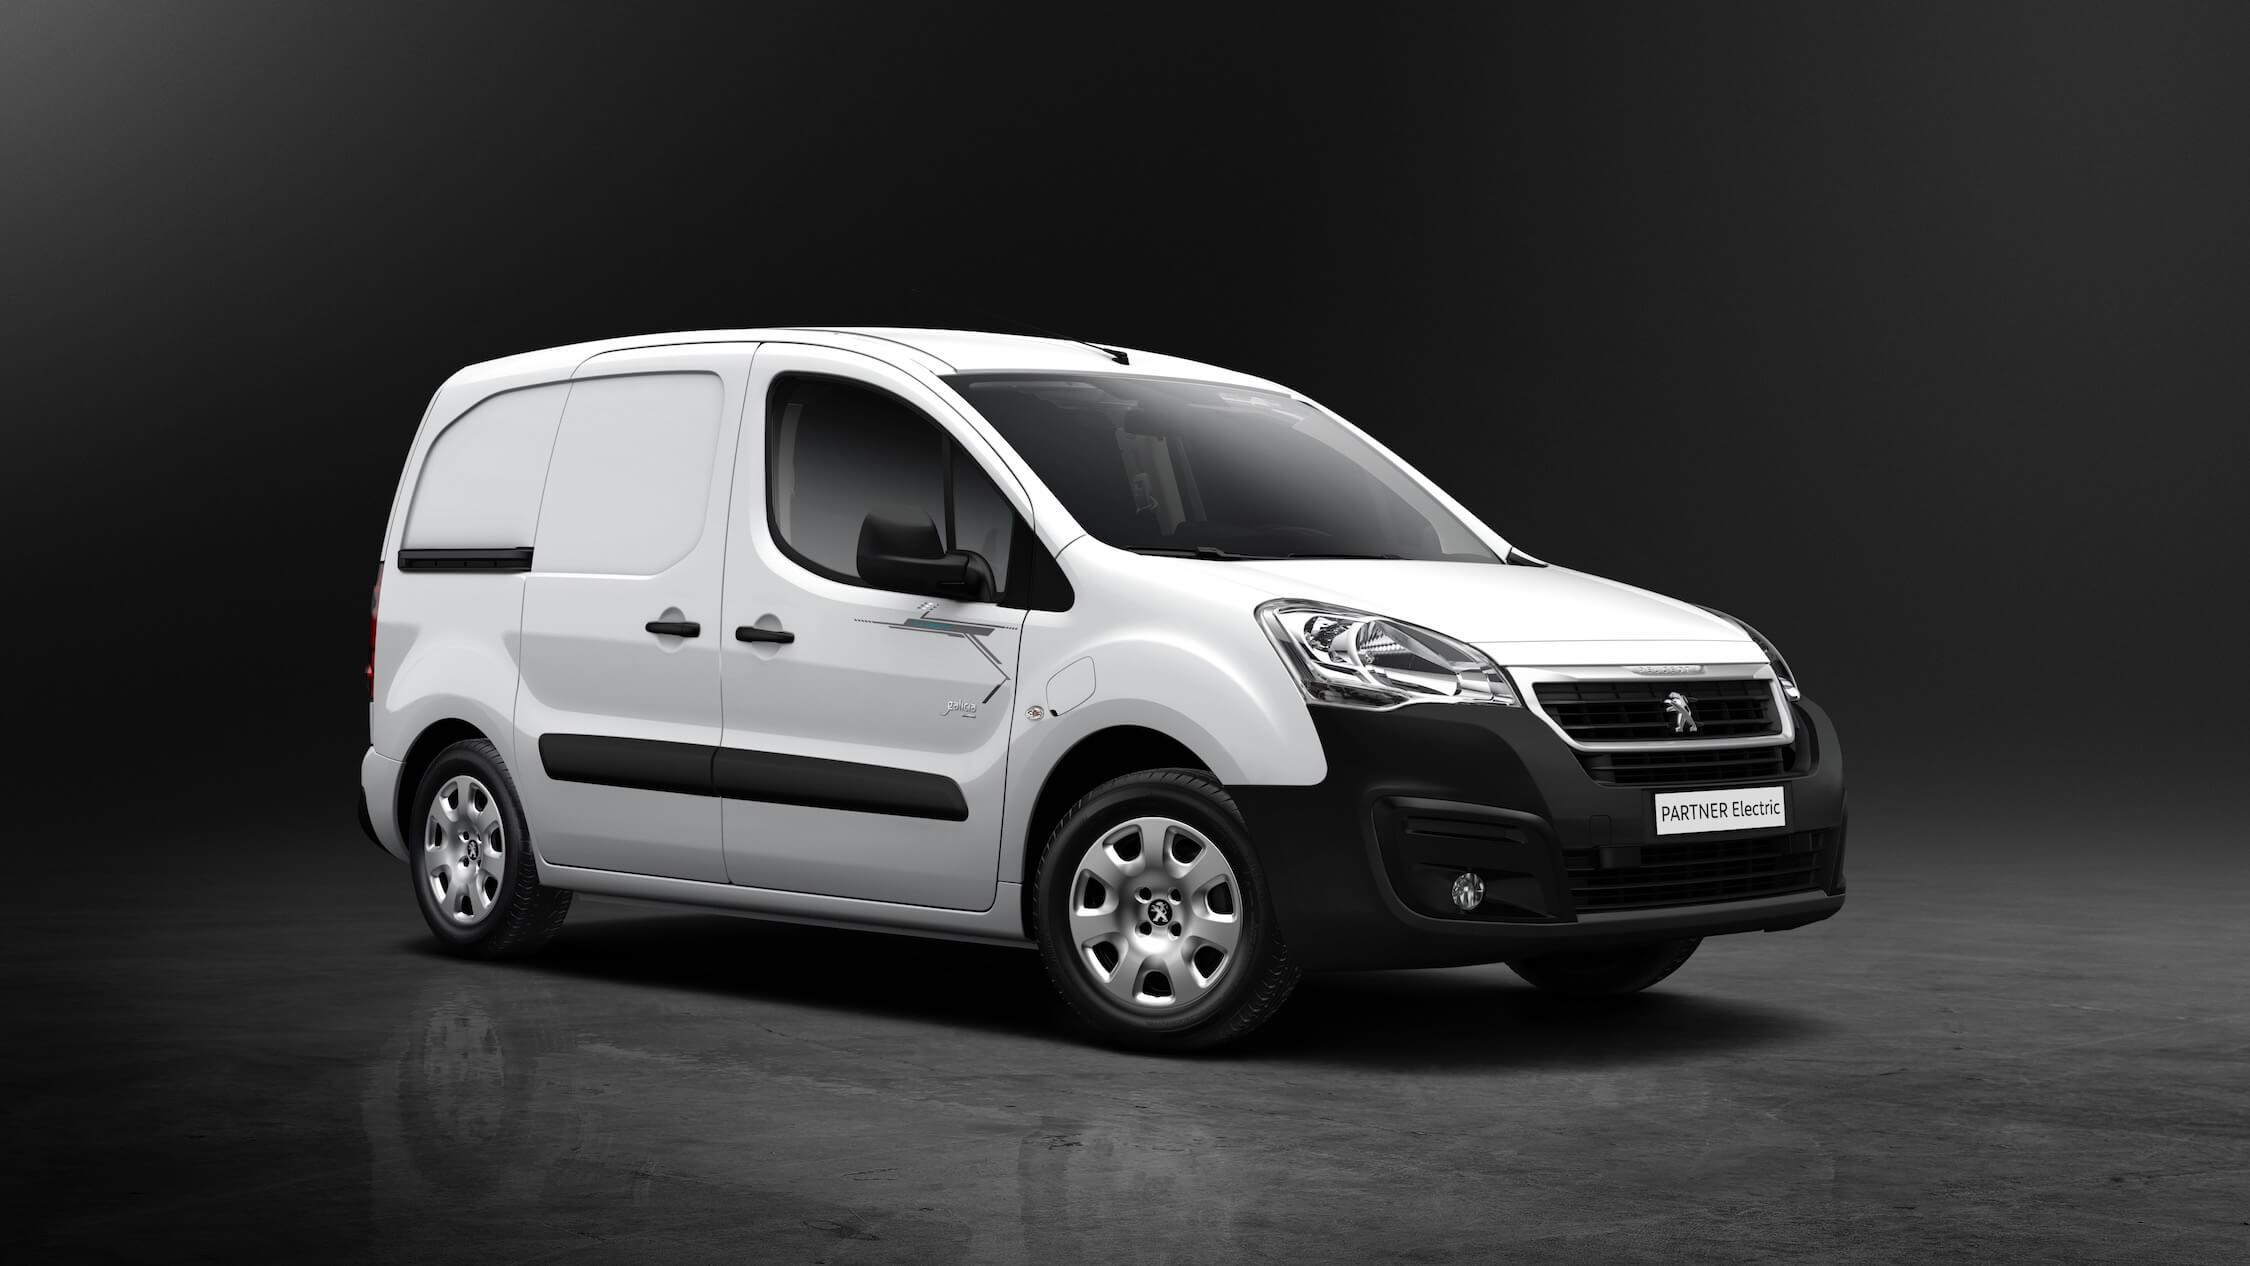 Peugeot Partner elektrisch